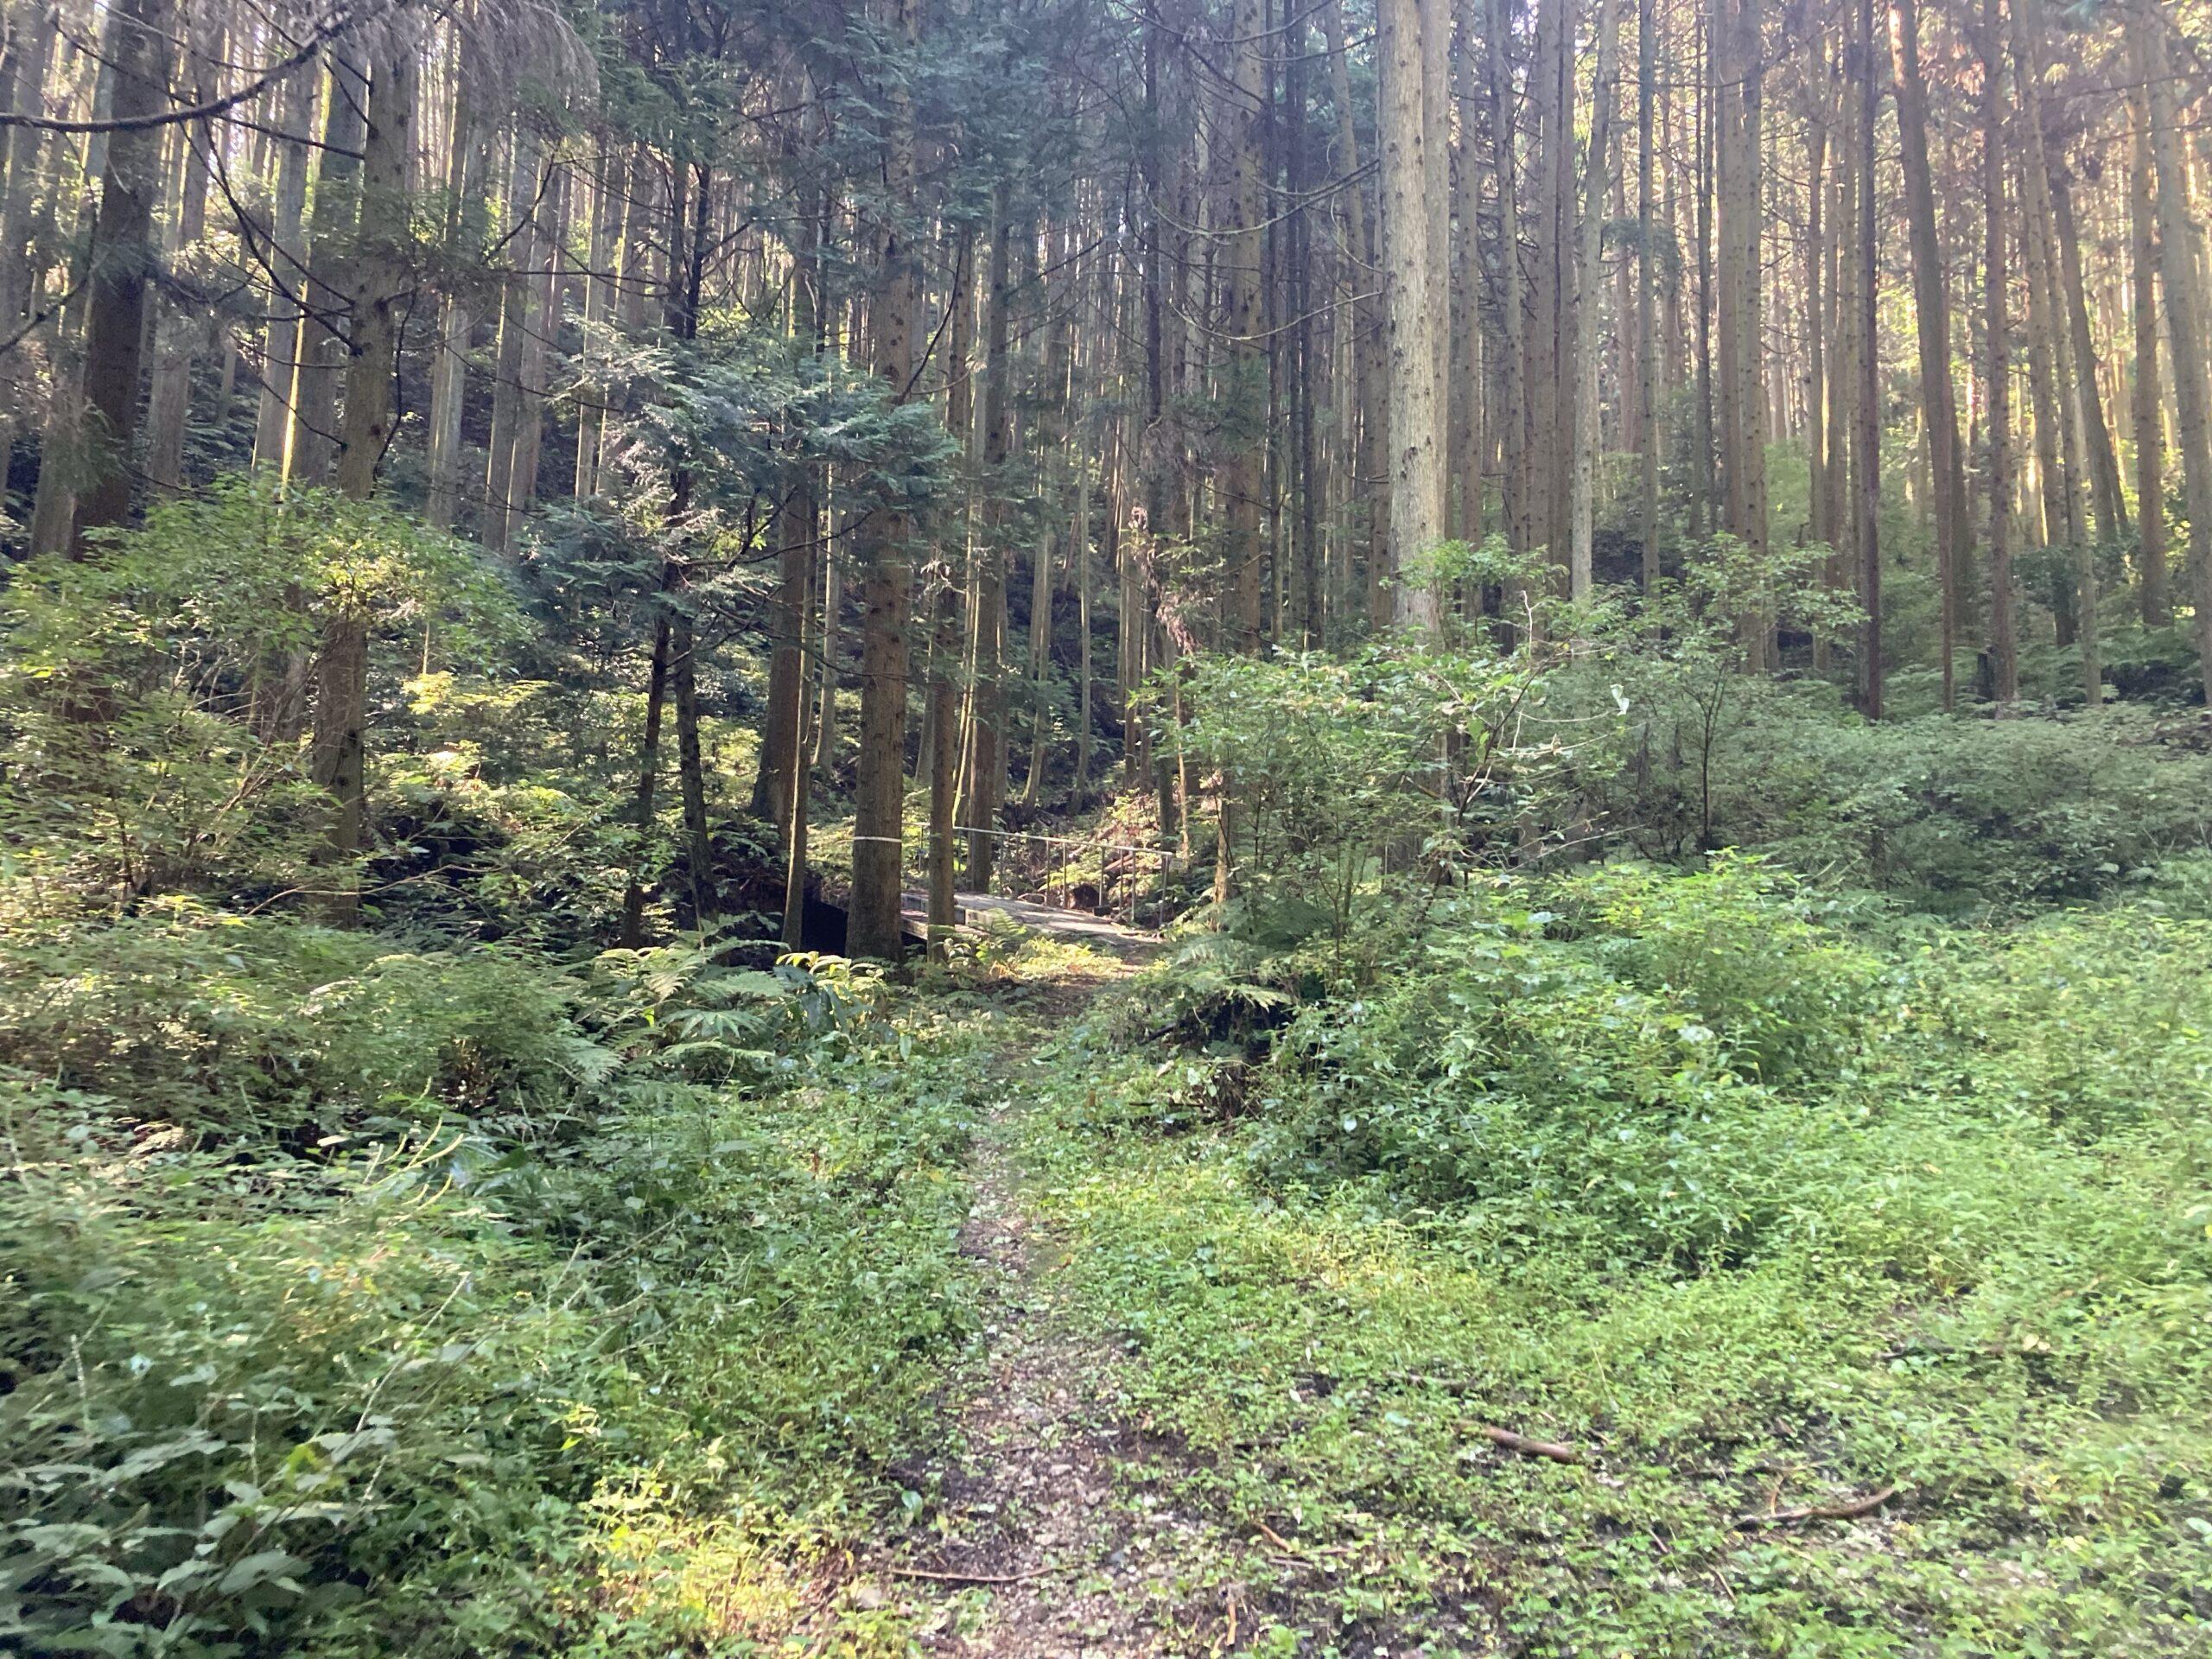 奥河内トレラン大会のためのトレイル整備(砥谷林道から岩湧きの森)